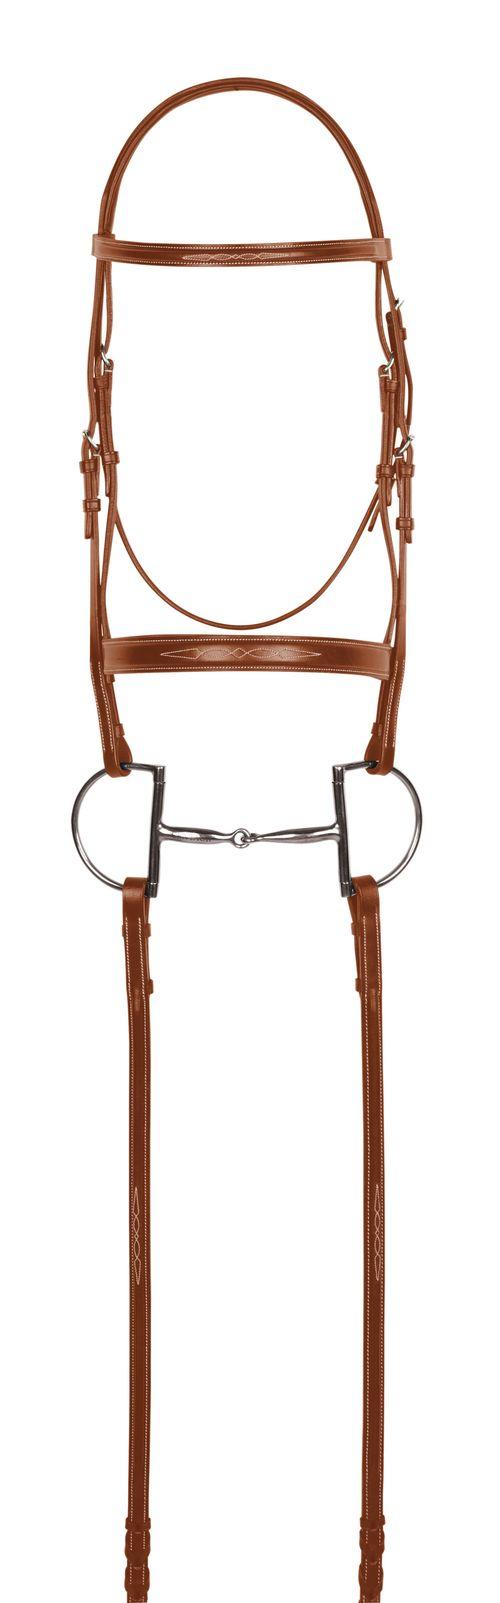 Aramas Fancy Mild Square Raised Bridle w/Fancy Lace Reins - Chestnut